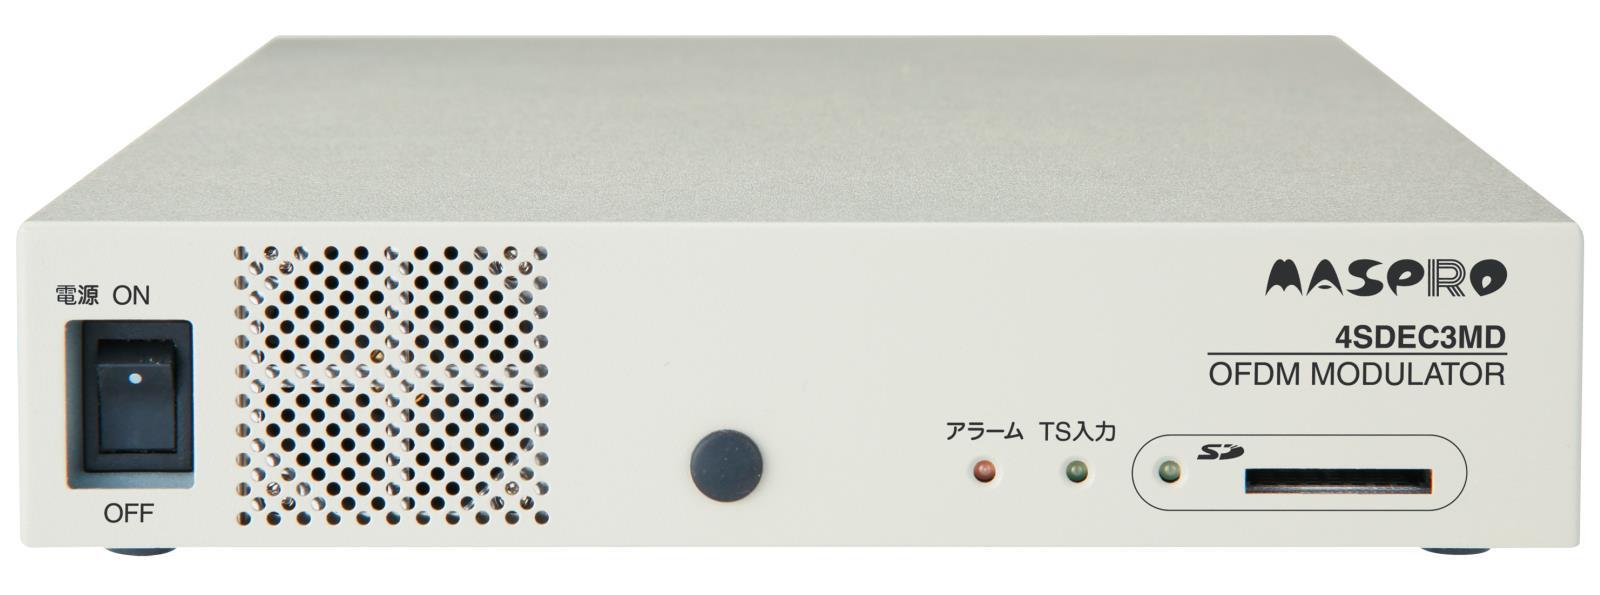 〔送料無料〕 マスプロ 館内OFDM自主放送システム SD4ch.エンコーダー内蔵OFDM変調器 4SDEC3MD